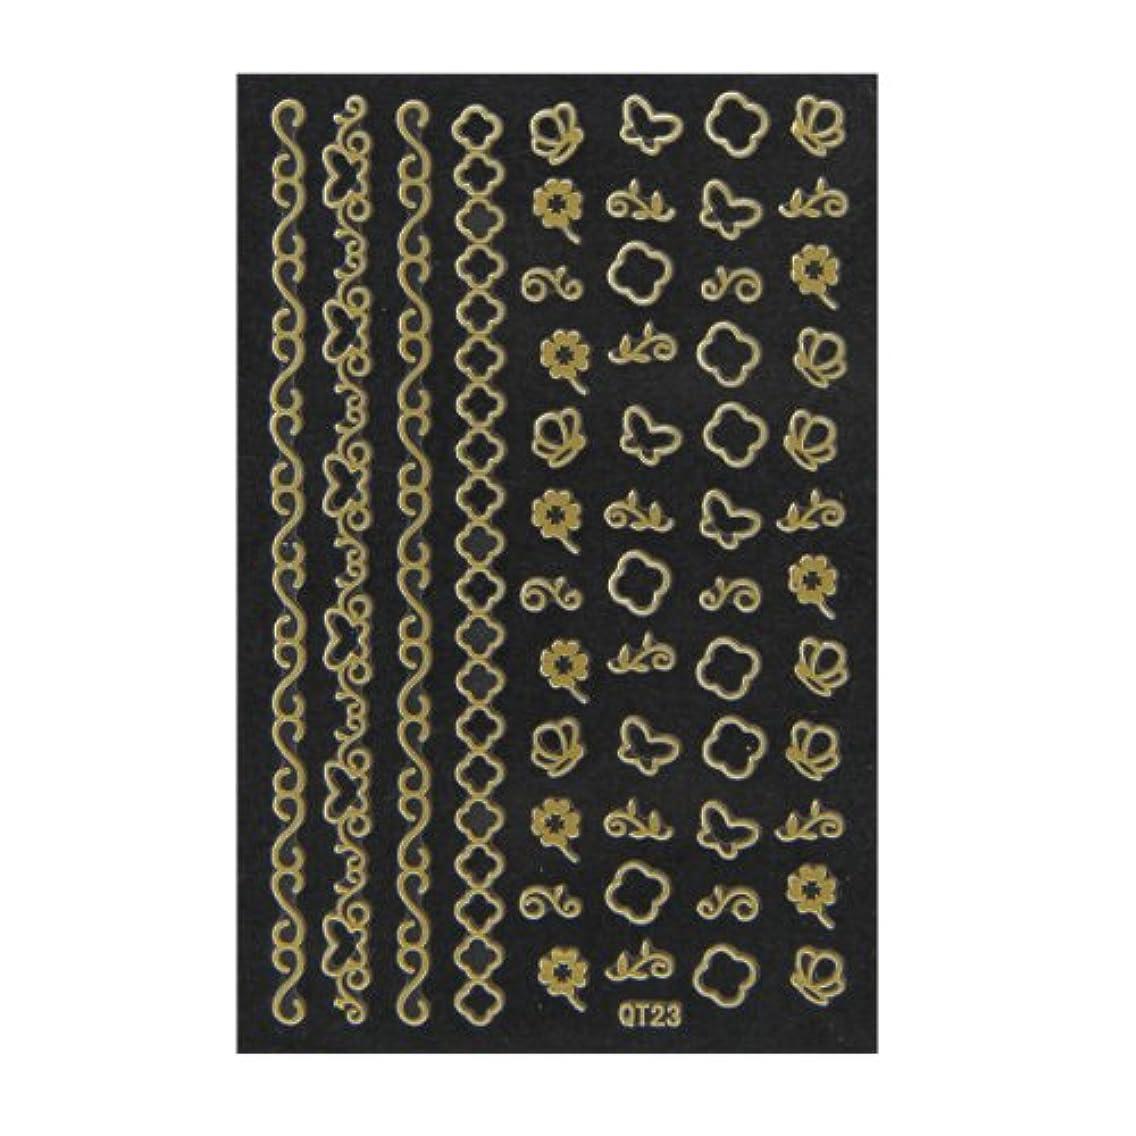 パイル外交フィッティングネイルシール 3D ネイルシート ファッションネイル メタリックシール23 (ネイル用品)